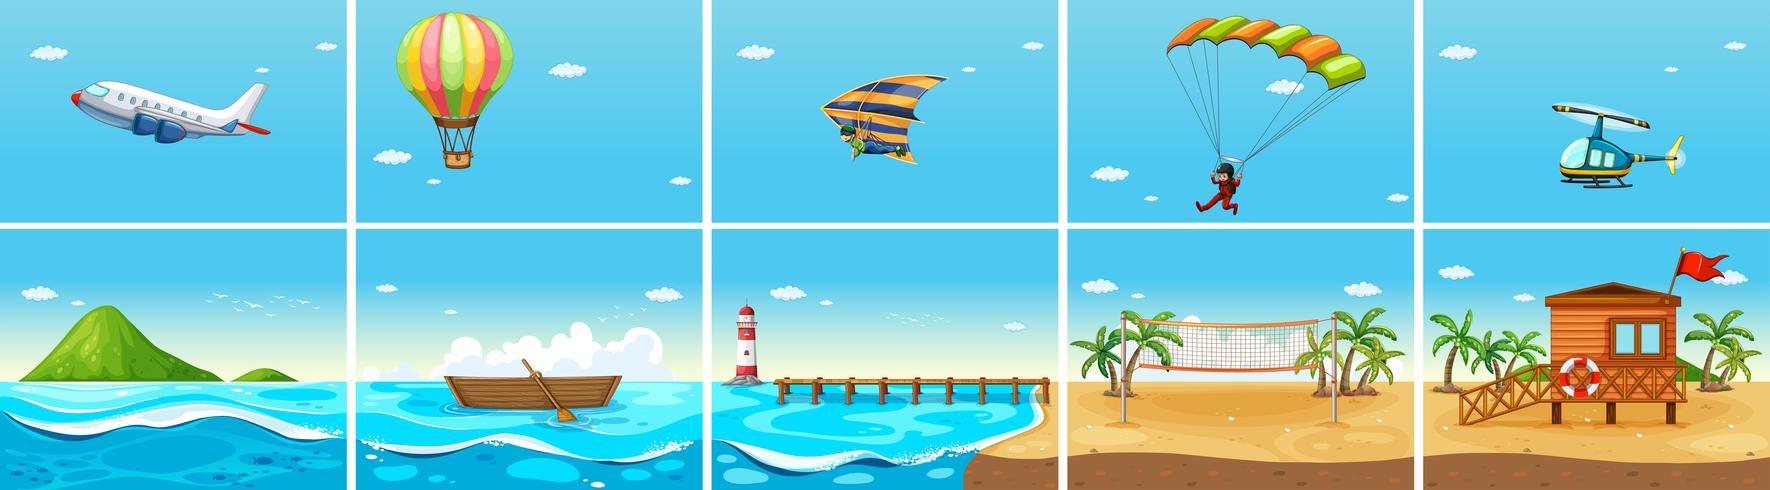 Scena della natura con oceano e spiaggia